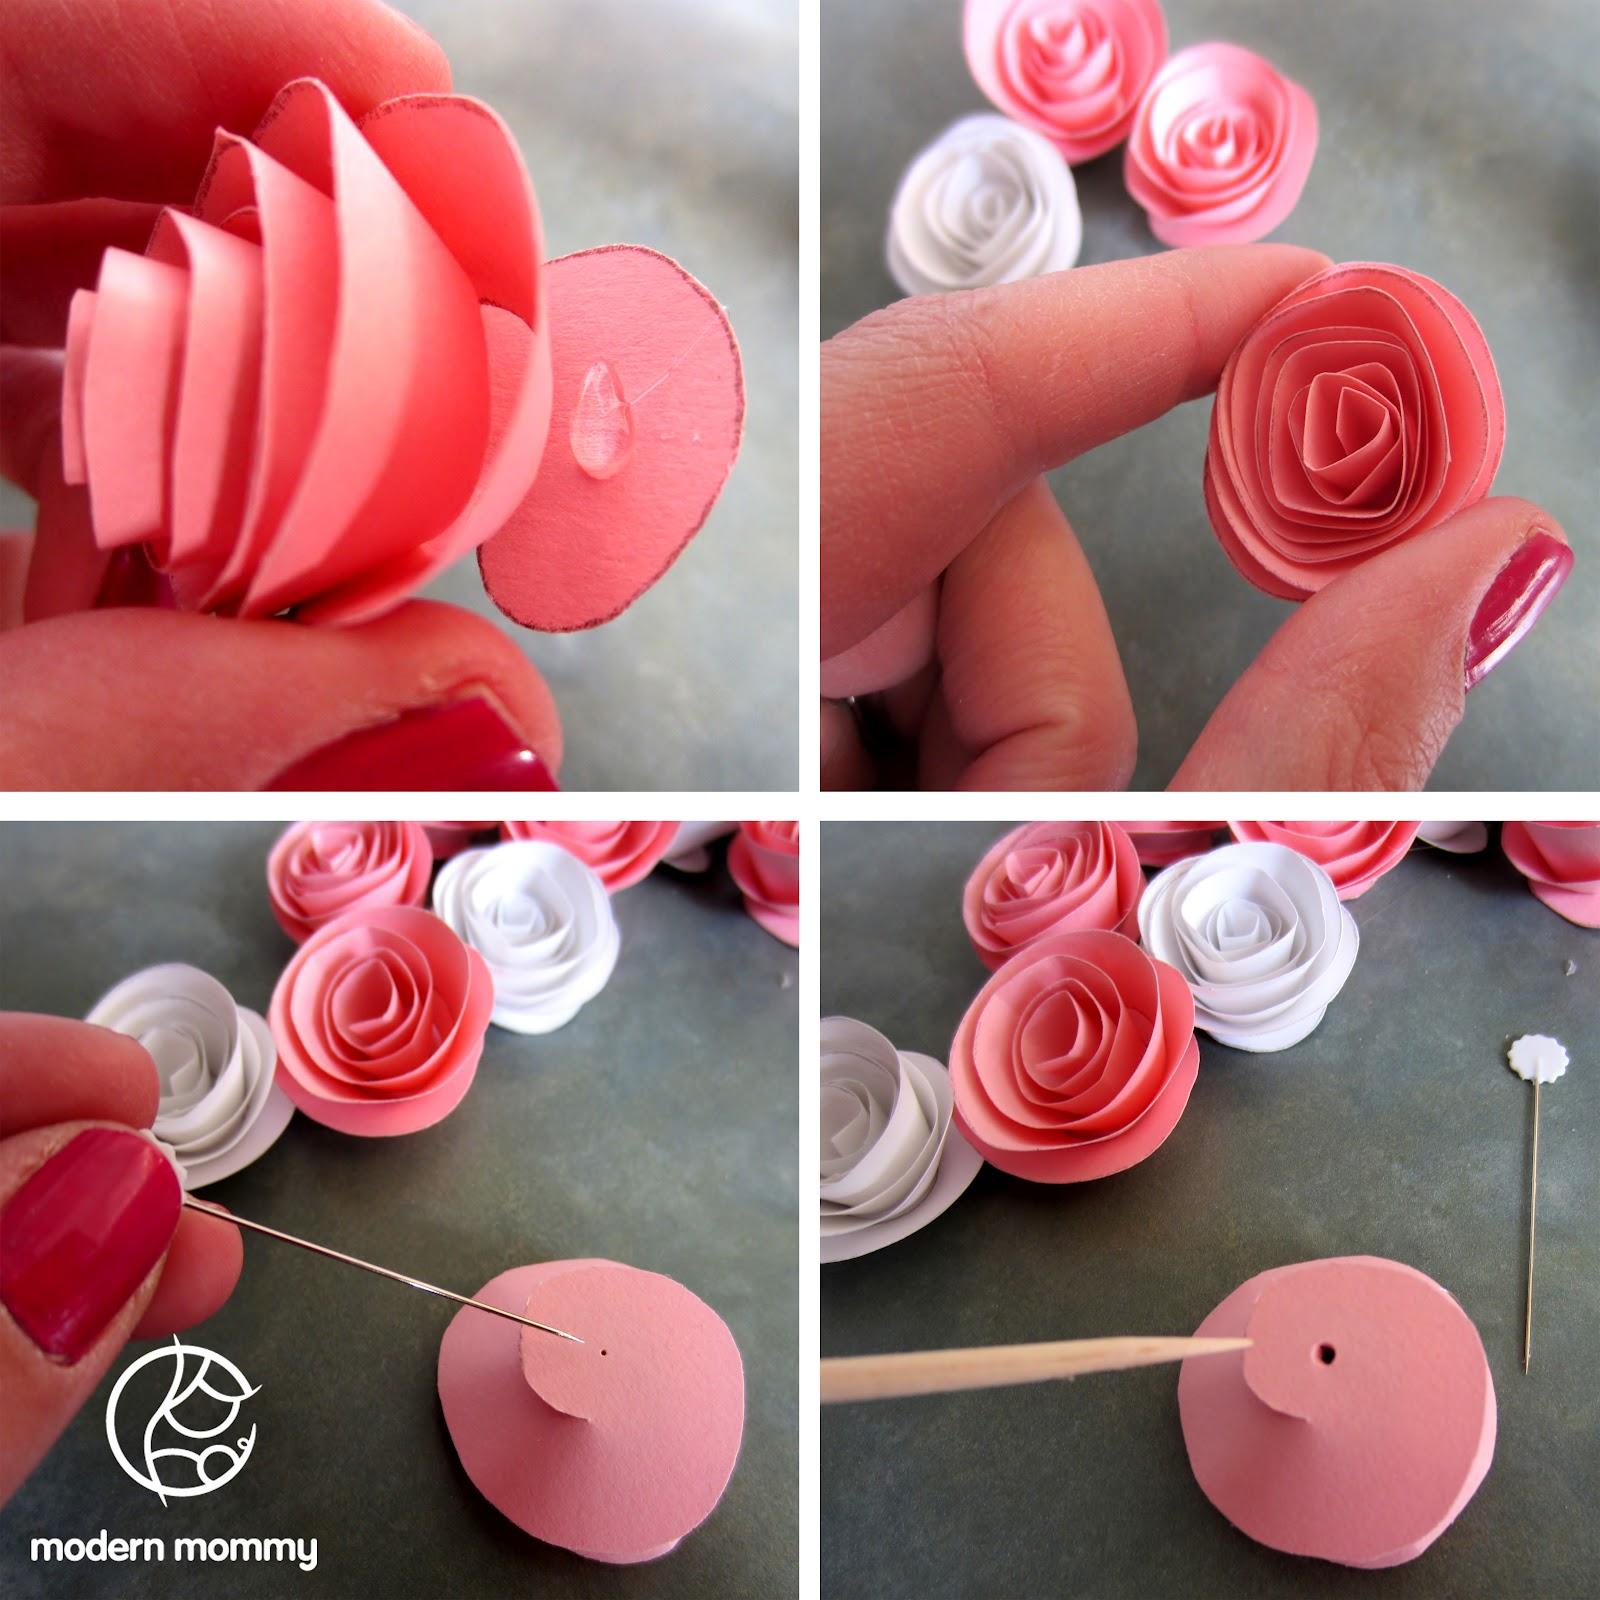 Мастер-класс поделка изделие 8 марта день рождения бумагопластика мк роза из гофрированной бумаги бумага гофрированная клей проволока